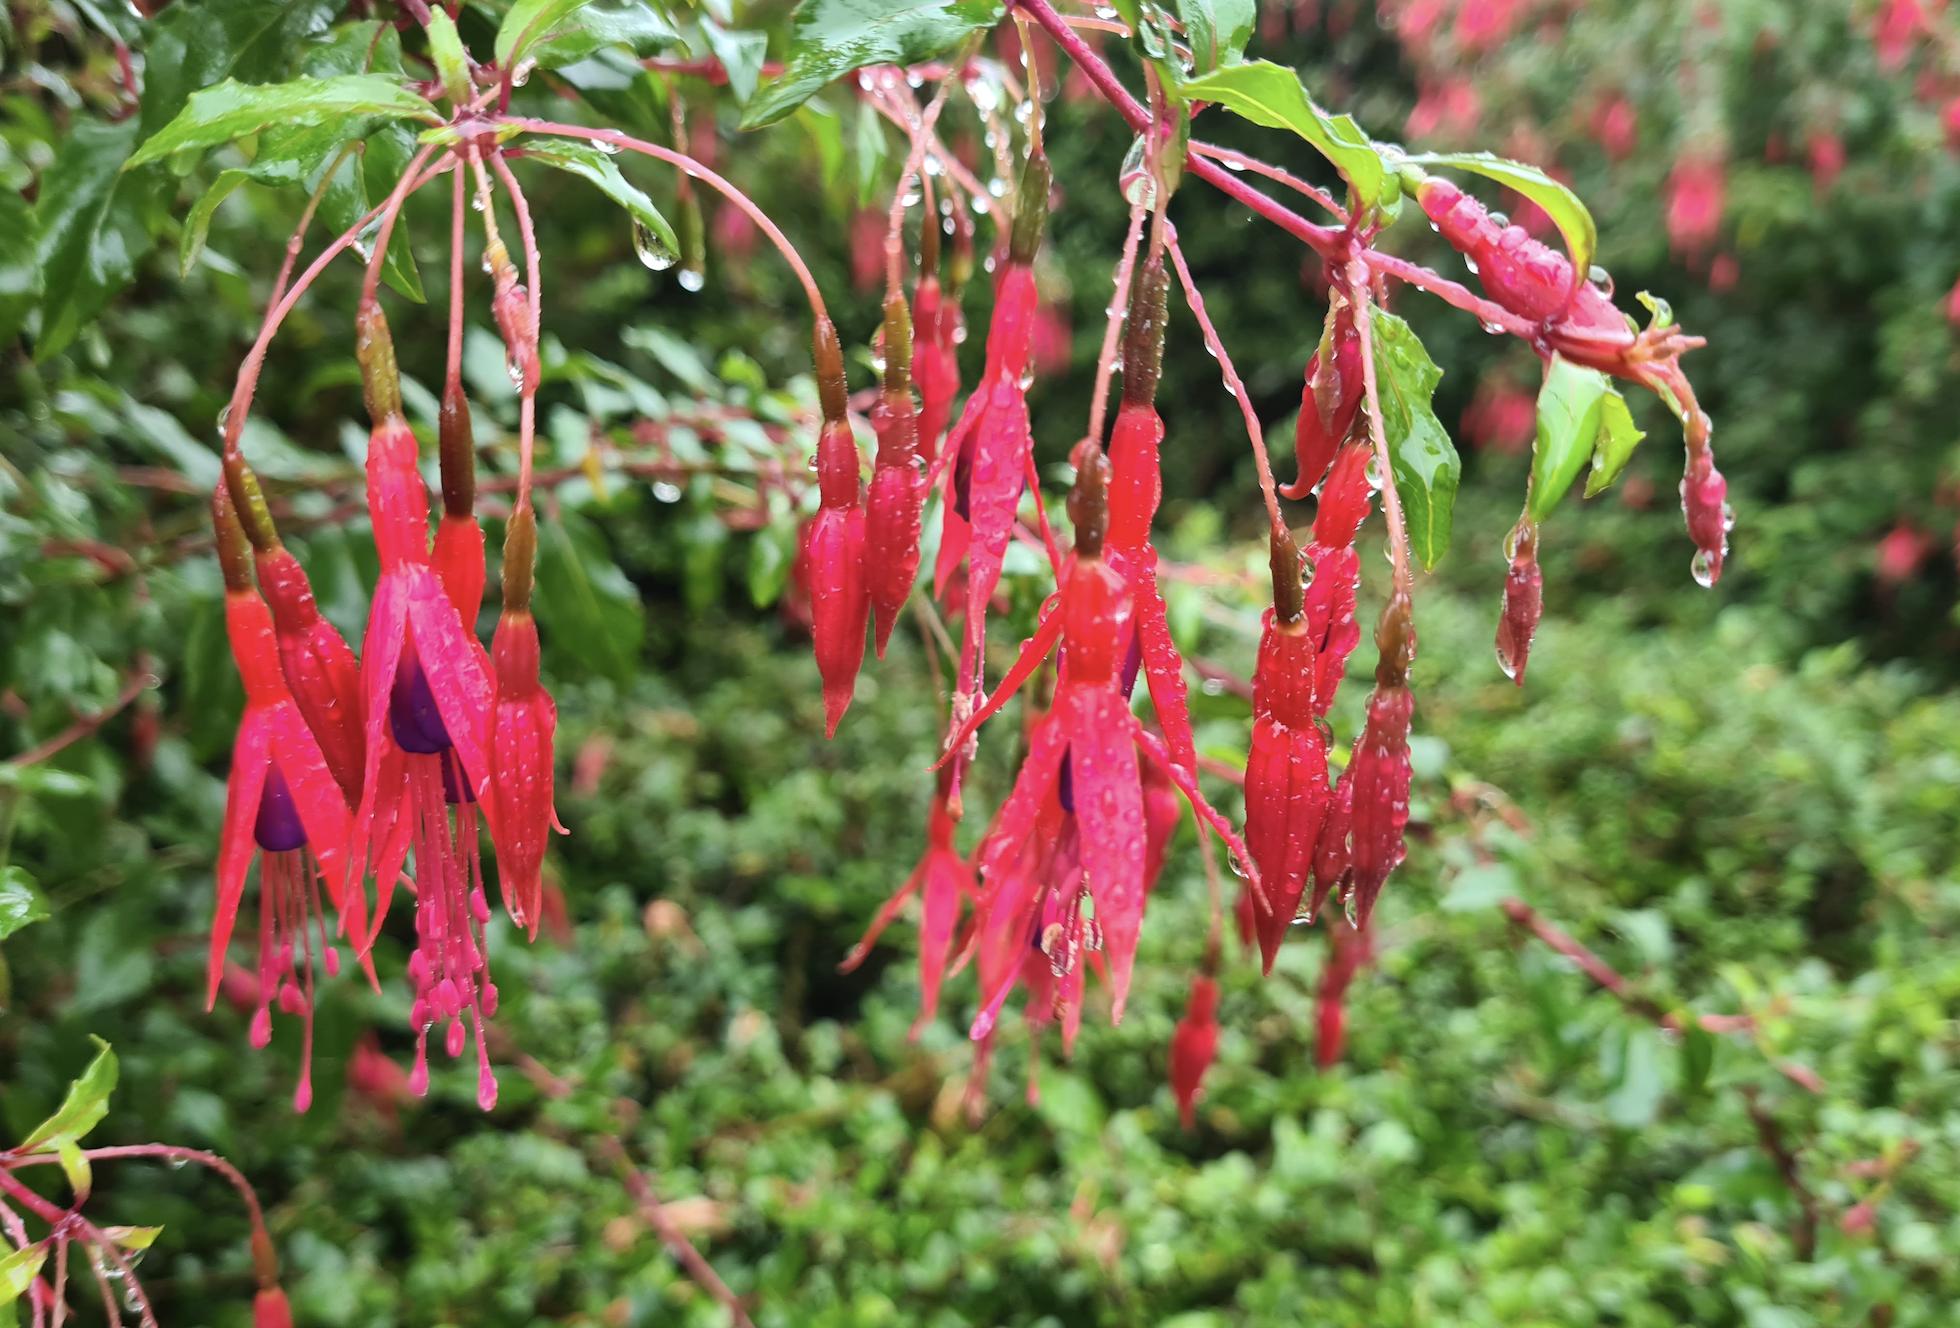 Bellenplant fuchsia bloeiwijze bloeikleur rood